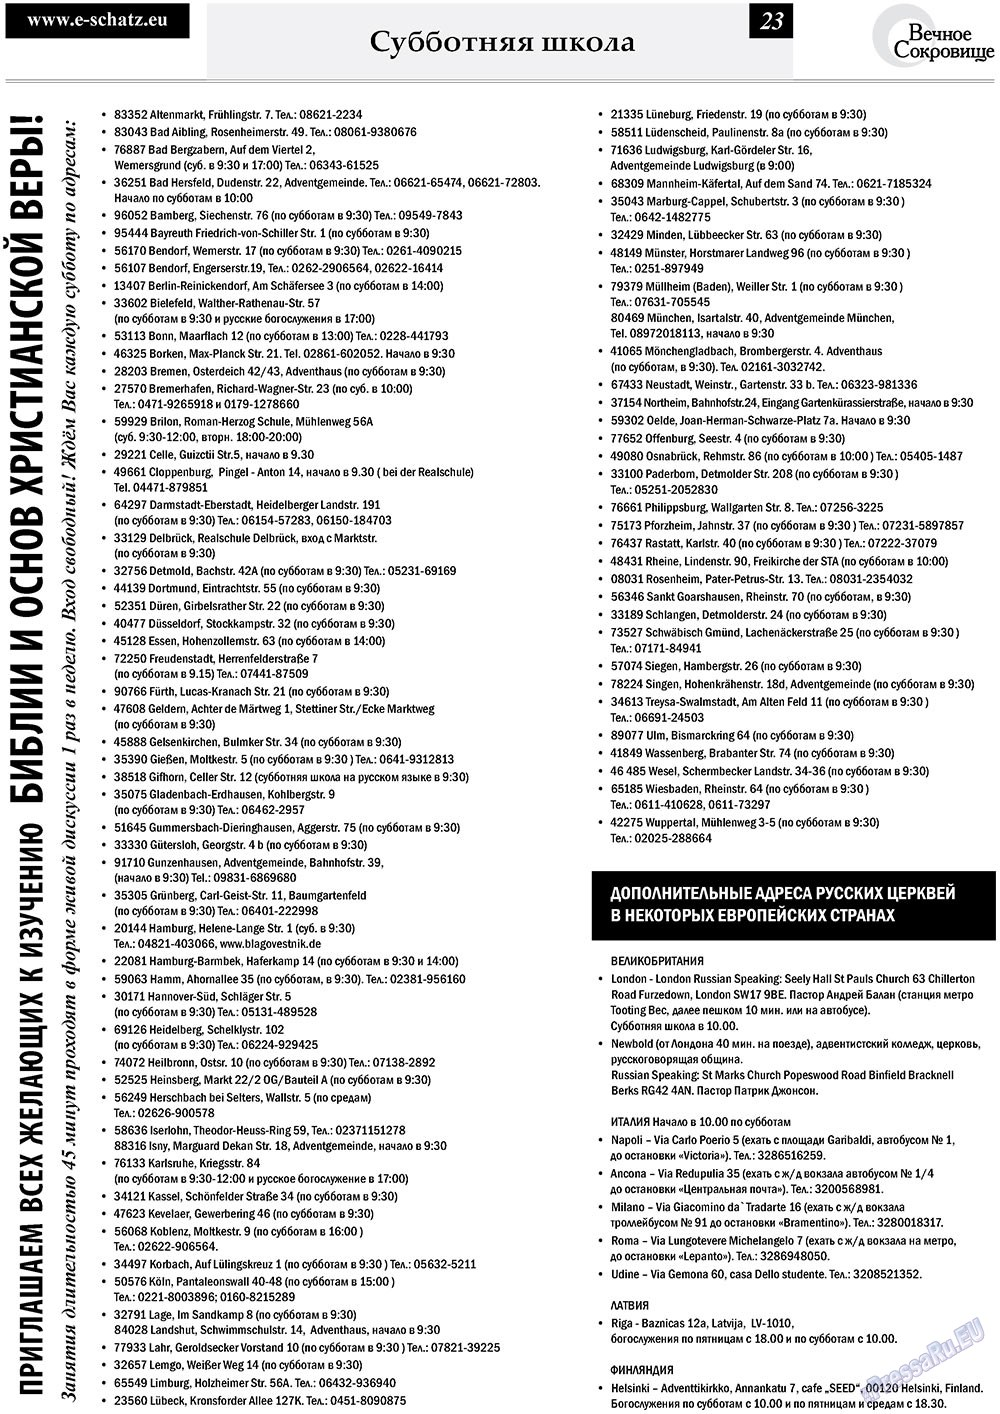 Вечное сокровище (газета). 2010 год, номер 3, стр. 23